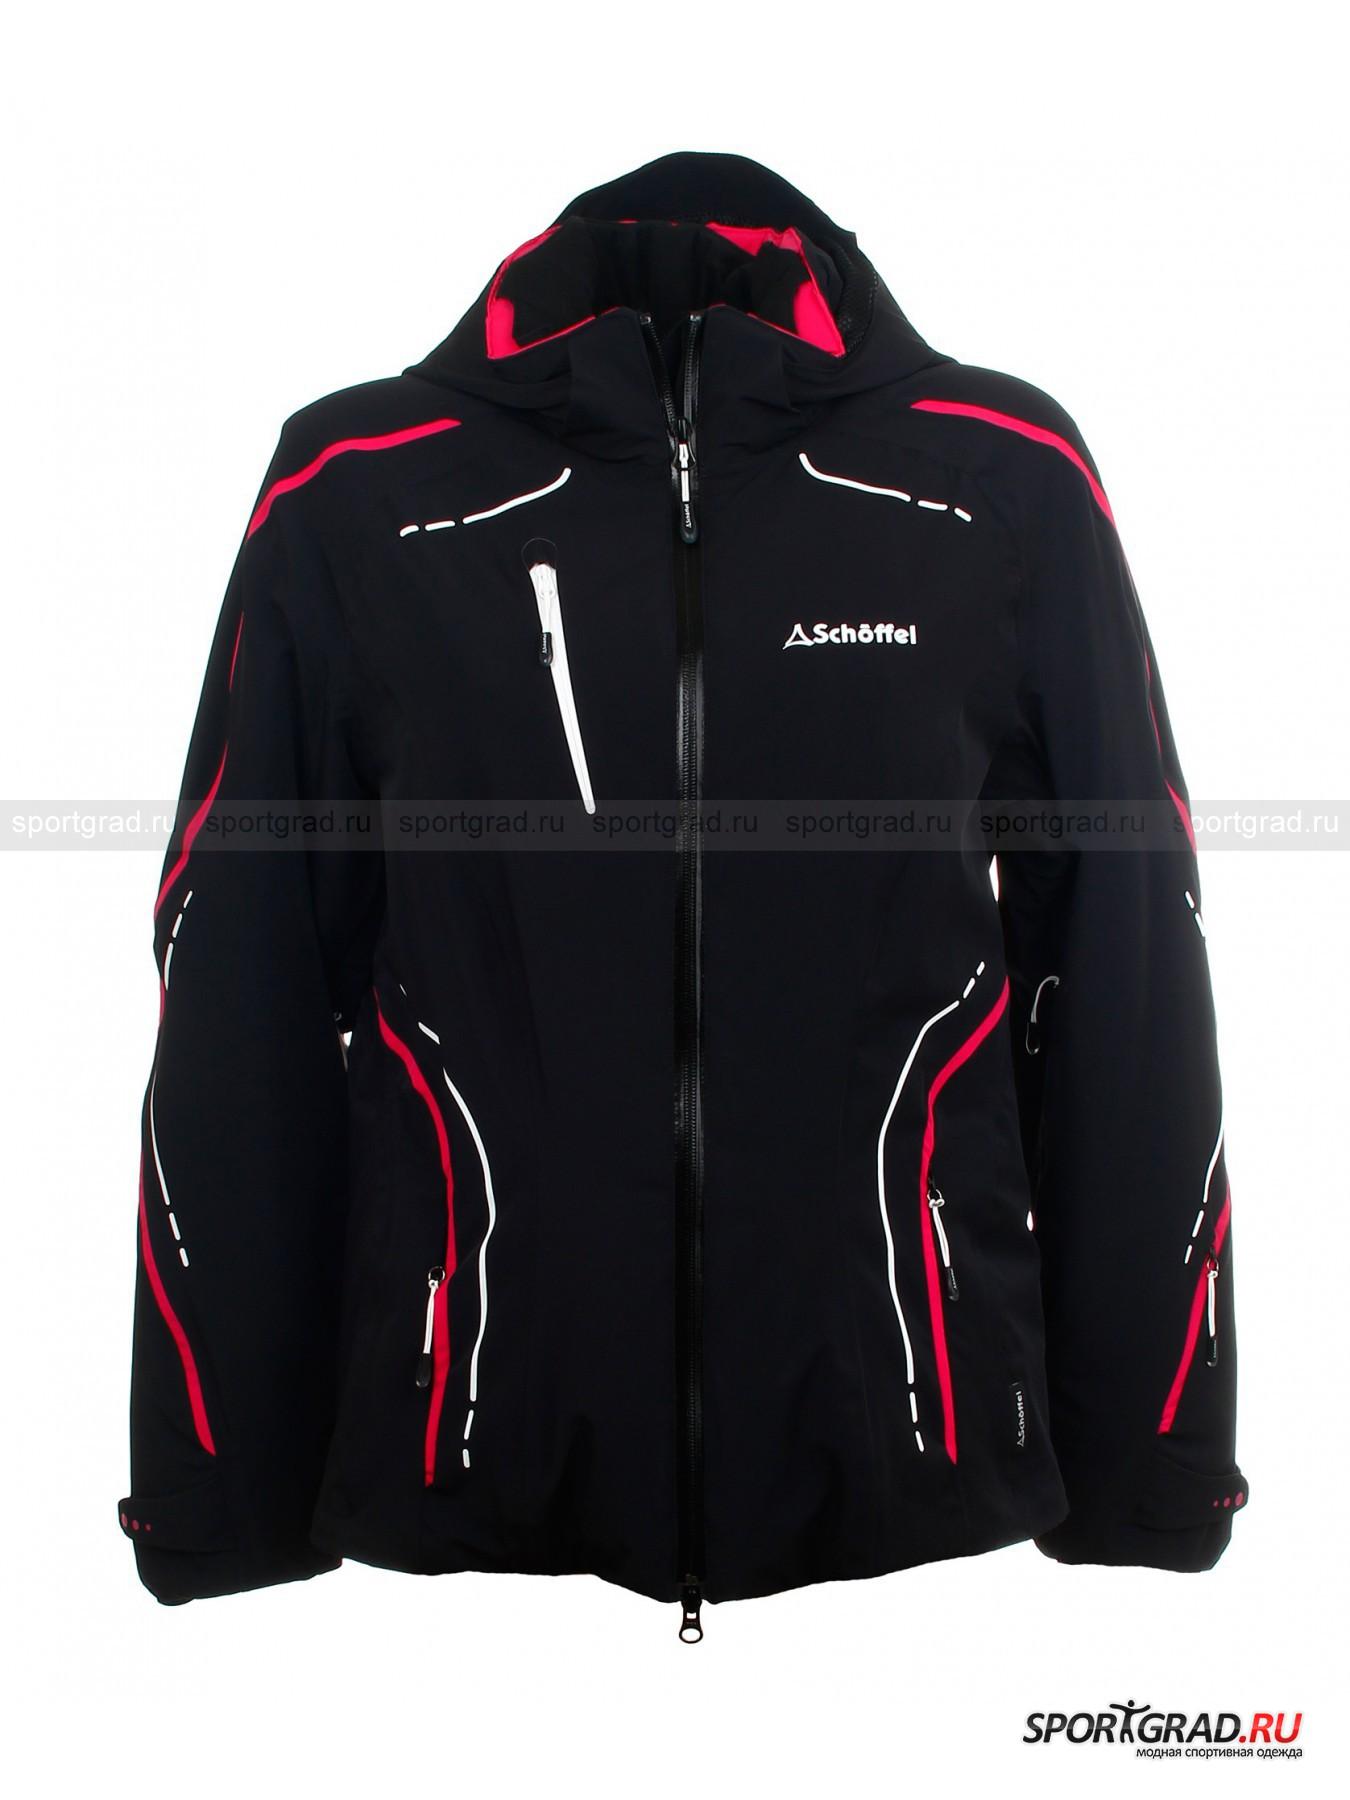 Купить Куртку Schoffel